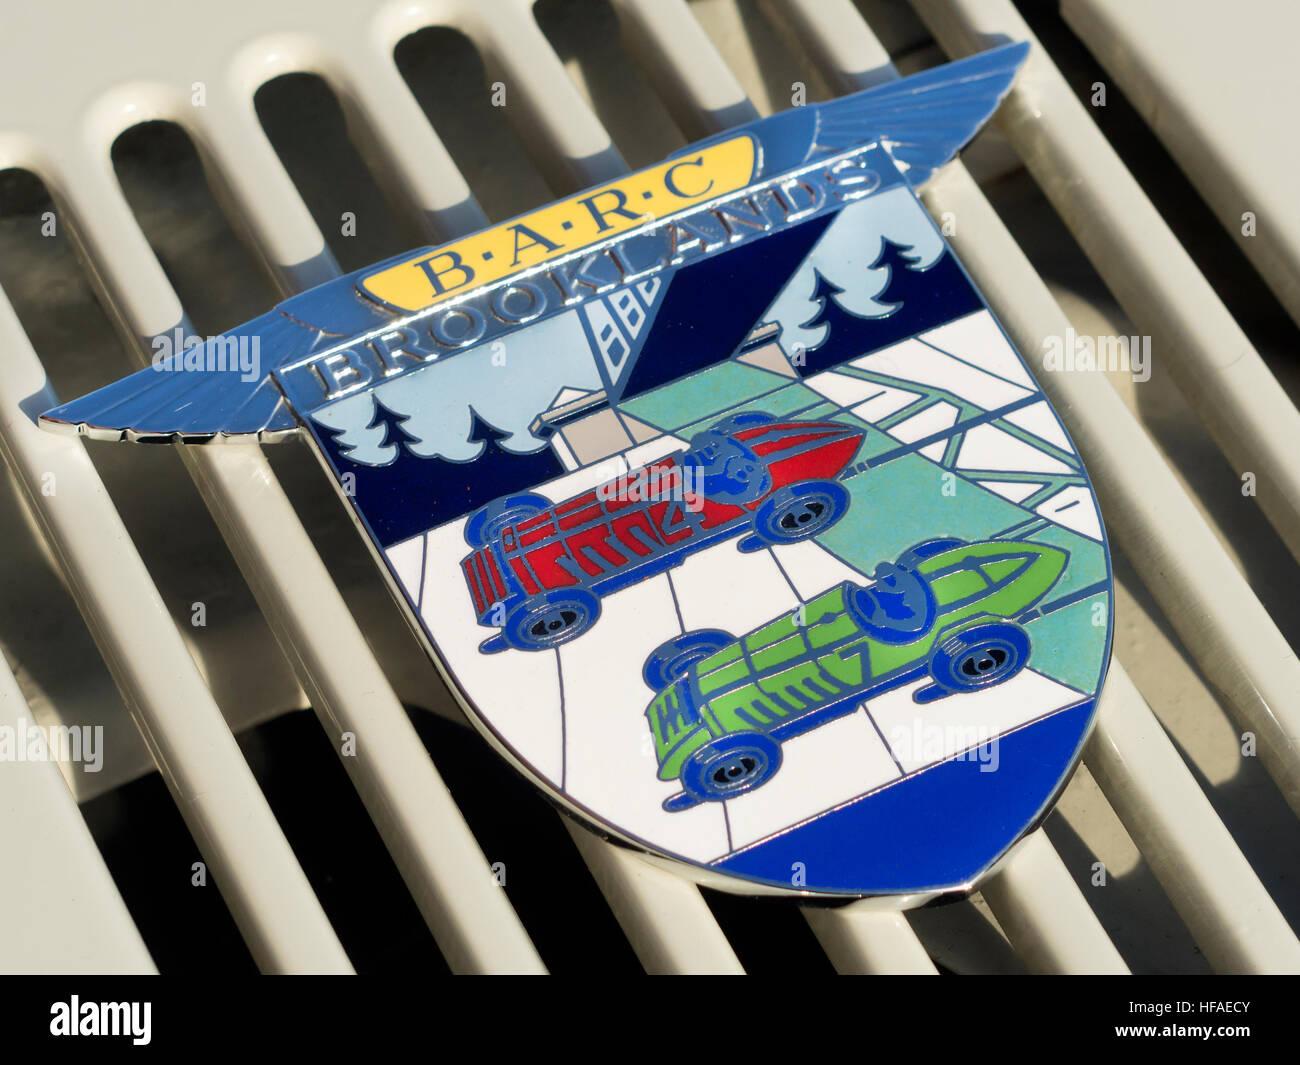 B.A.R.C. Brooklands insignia de automóviles. Imagen De Stock